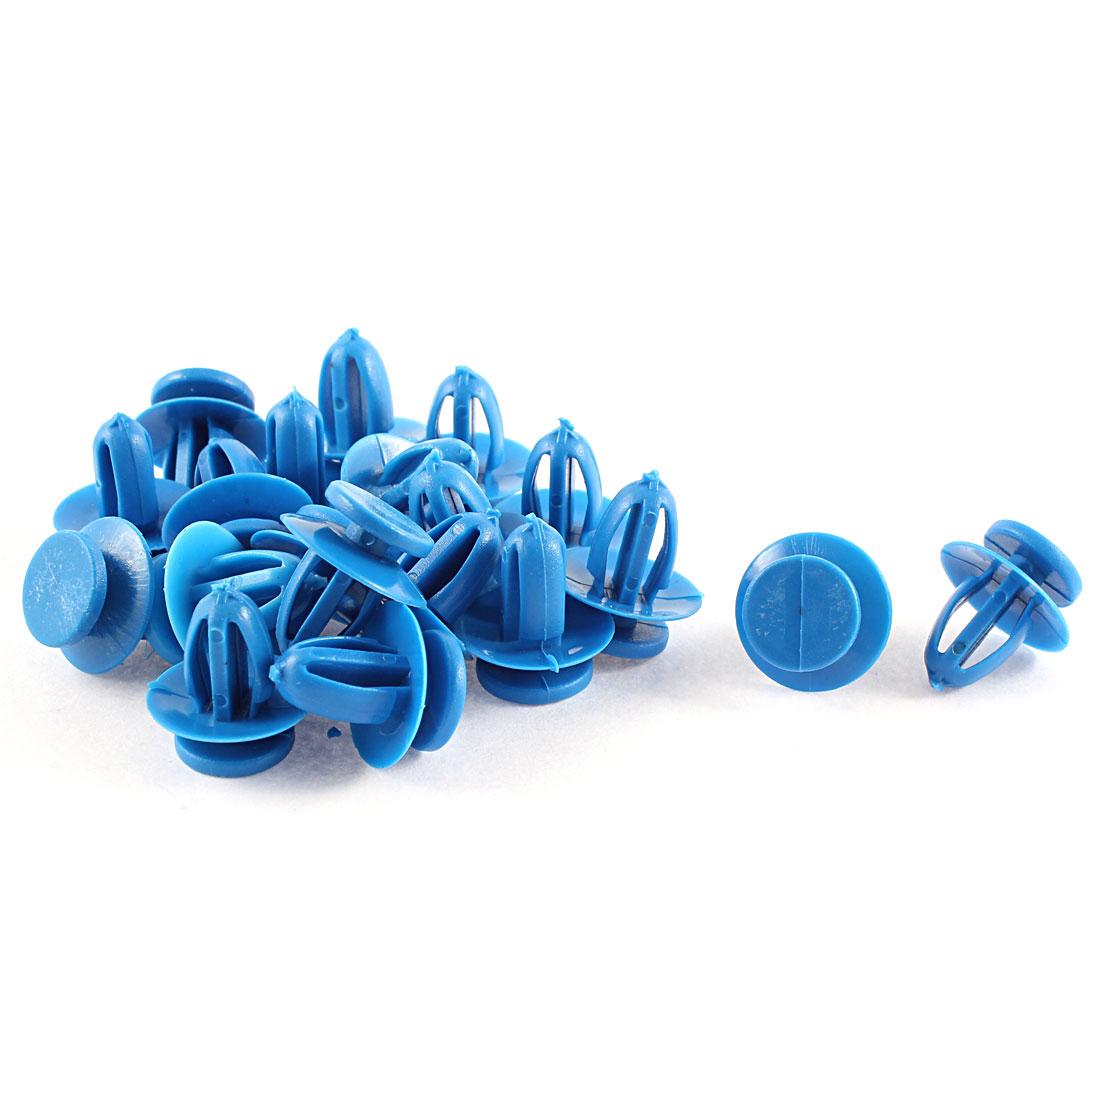 20 Pcs Blue Plastic Splash Guard Fastener Mat Clips 9mm x 13mm x 17mm